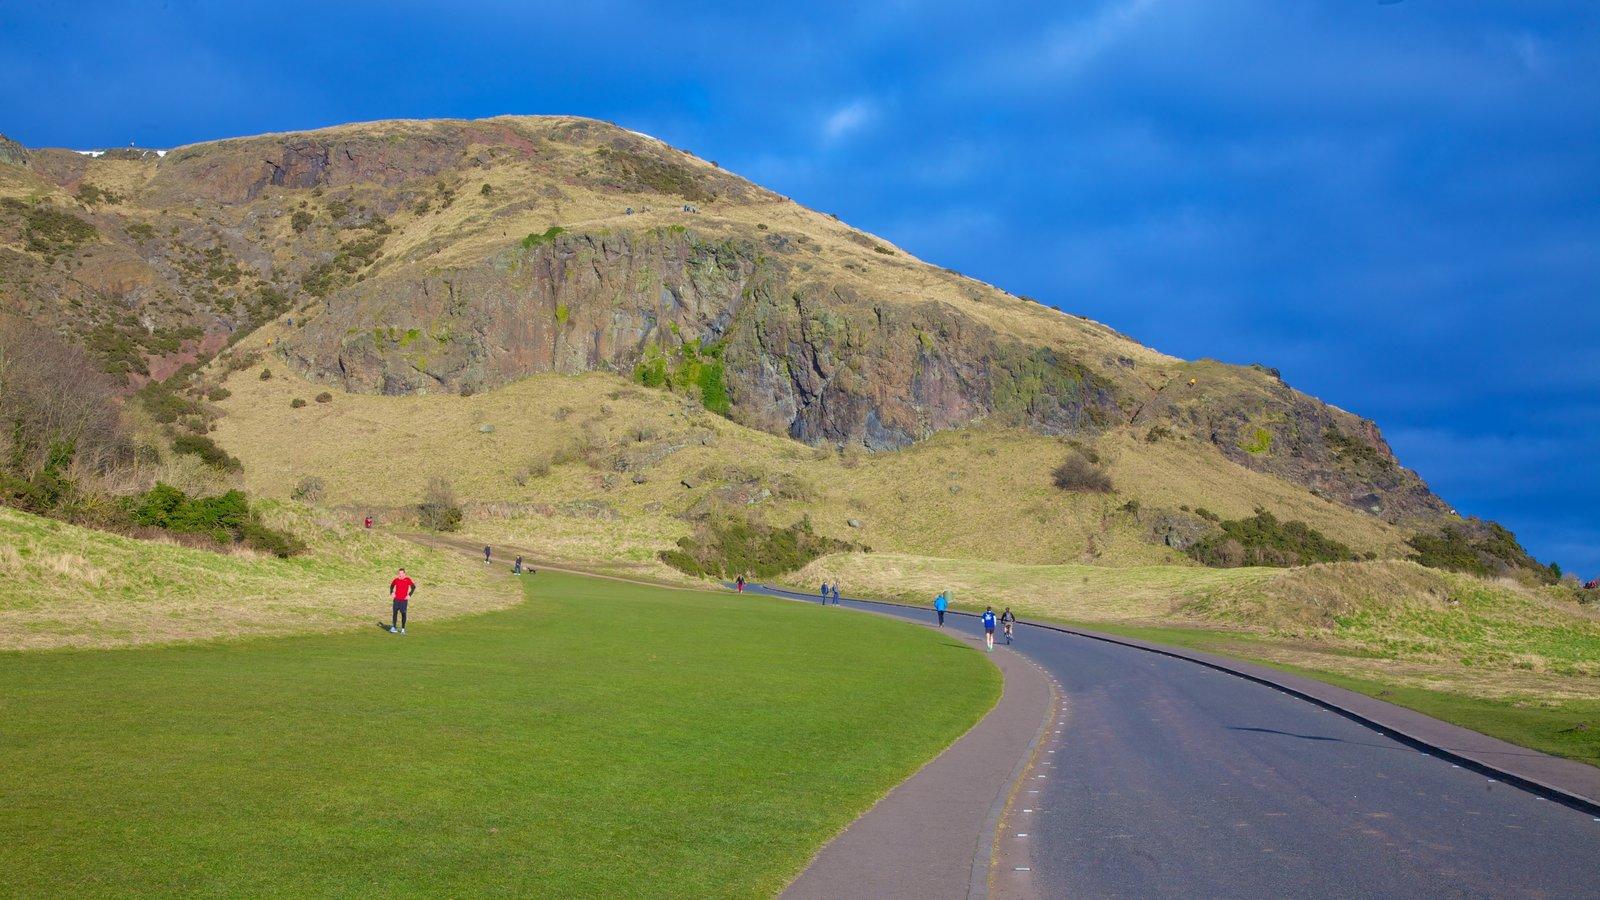 Asiento de Arturo ofreciendo montañas y senderismo o caminata